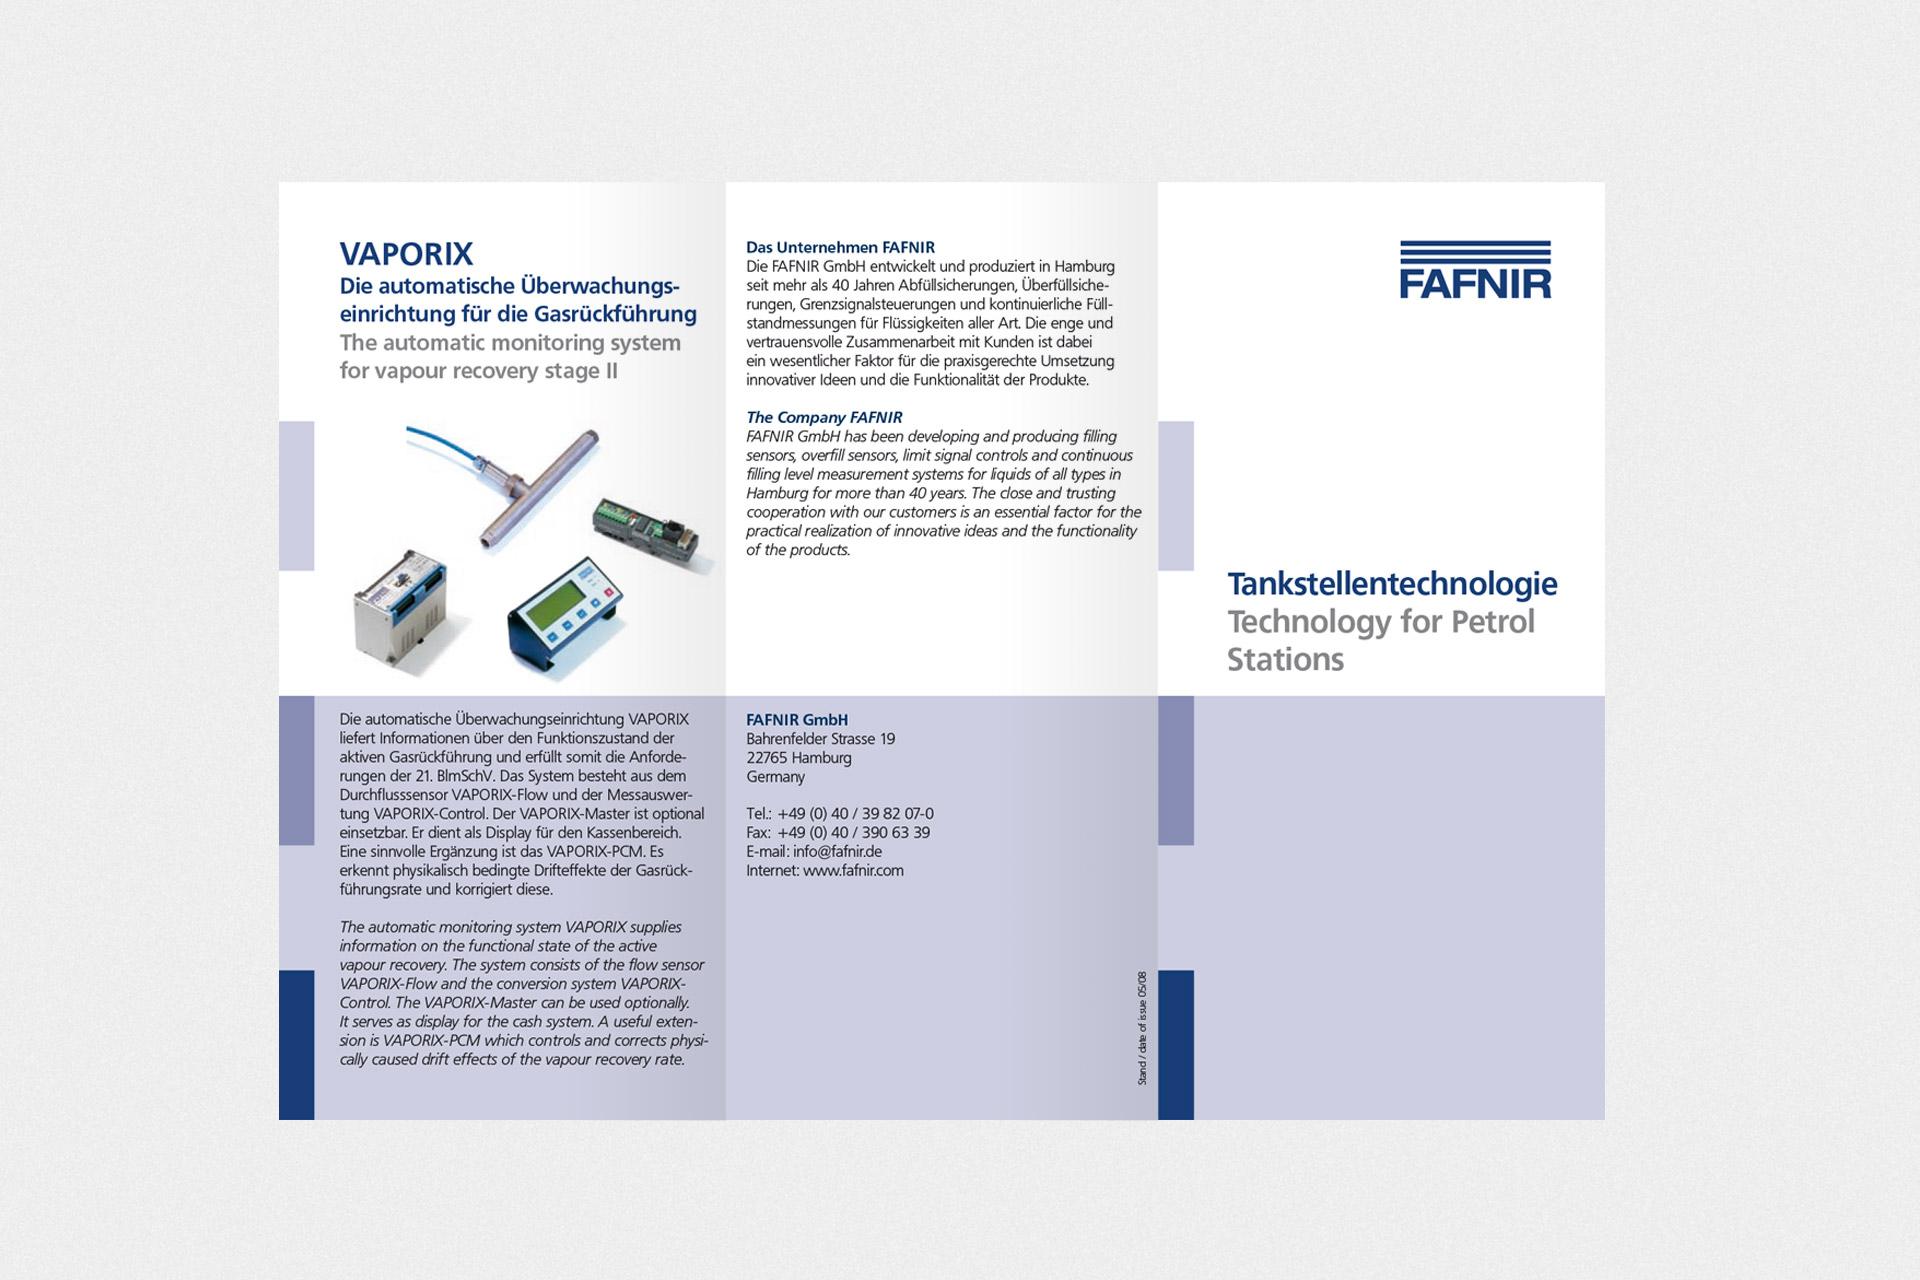 Corporate Design für FAFNIR, Beispiel Flyerdesign